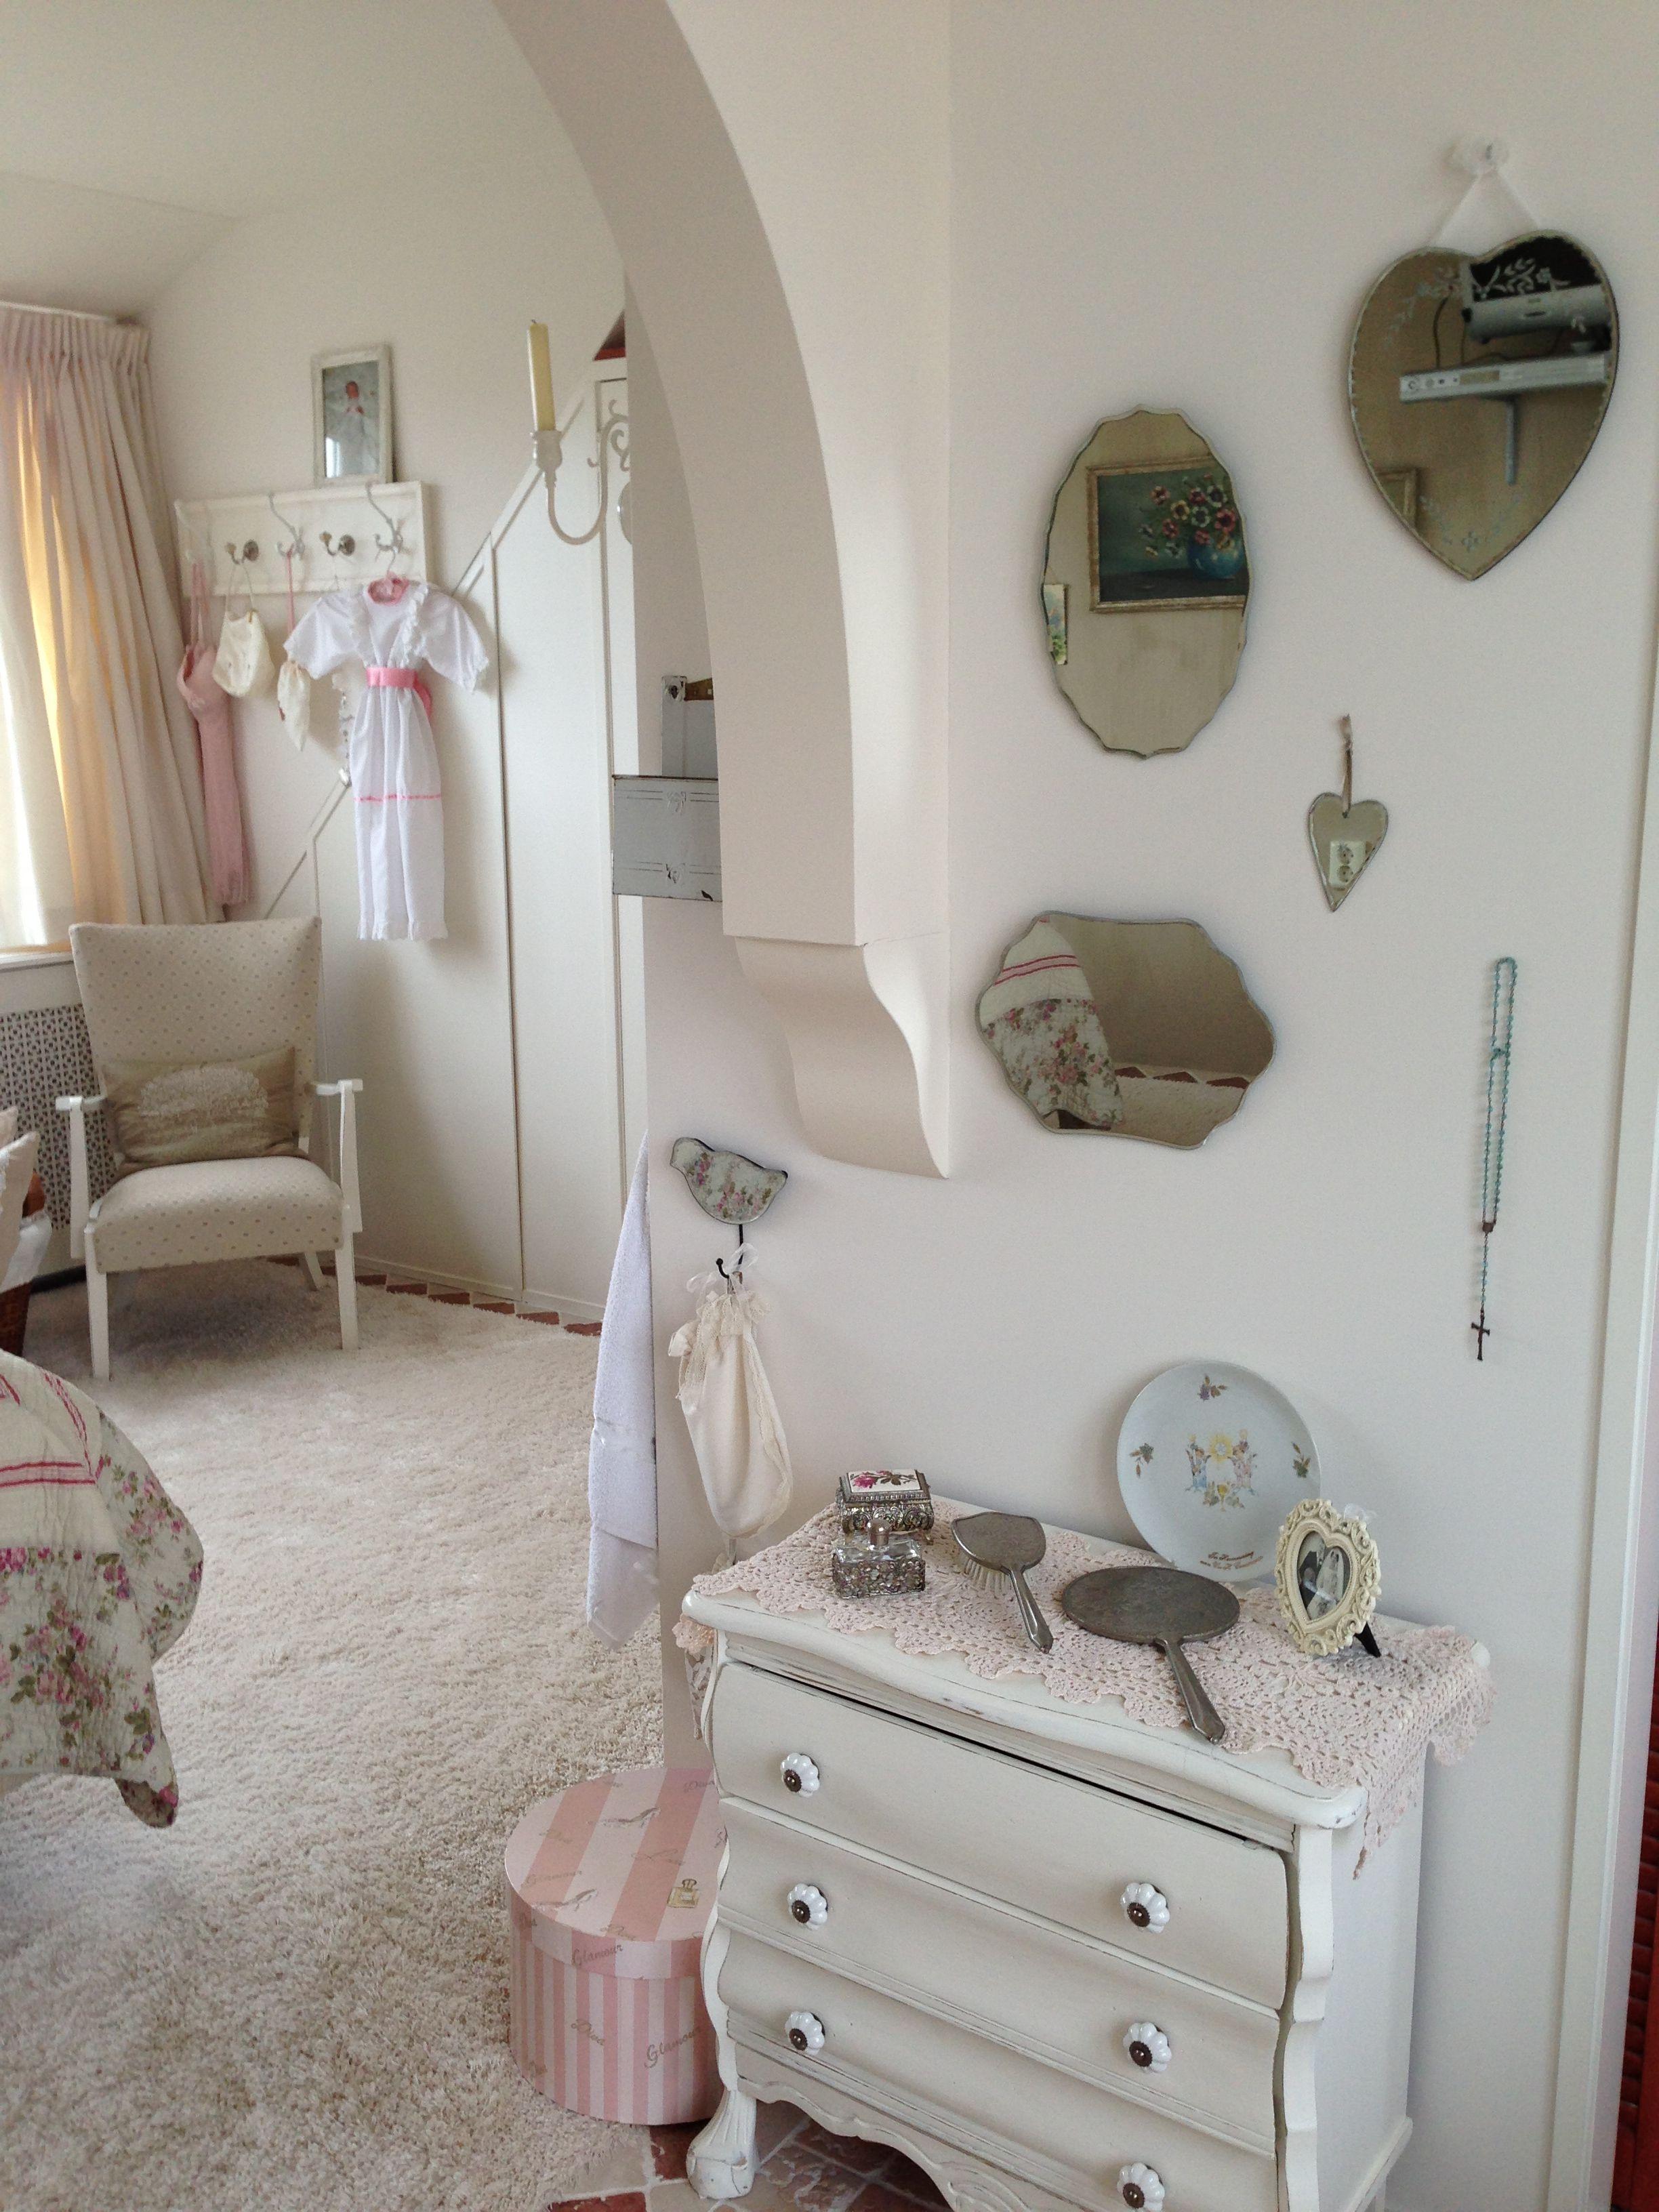 Brocante in de slaapkamer - Homedecoratie | Pinterest - Slaapkamer ...